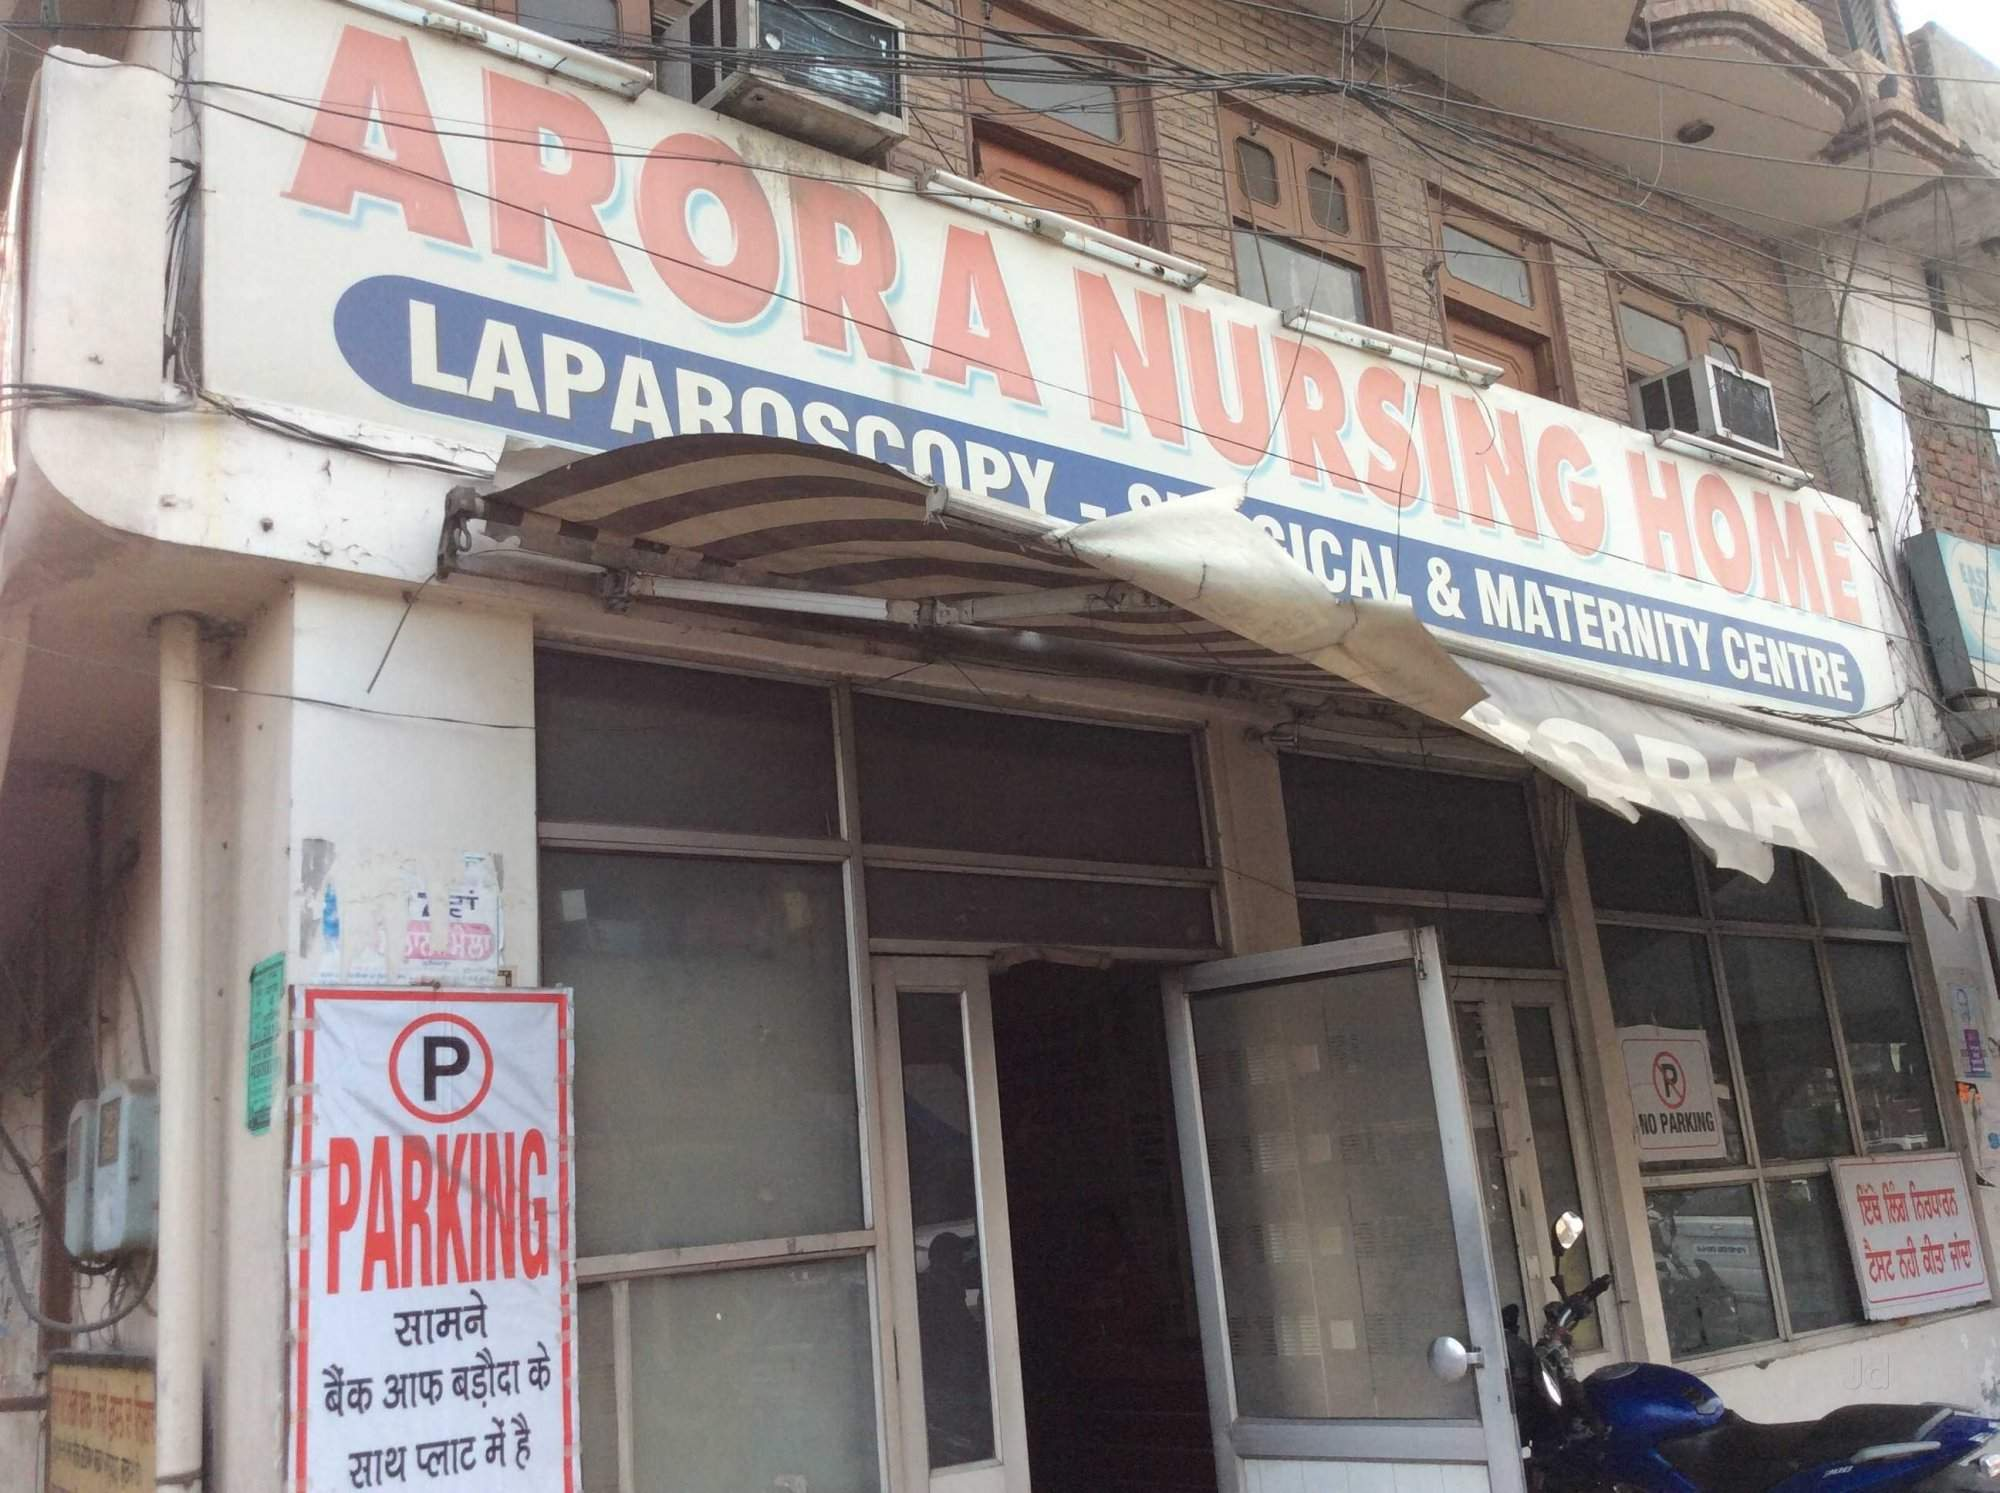 Arora Nursing Home - Samrala Road - Ludhiana Image